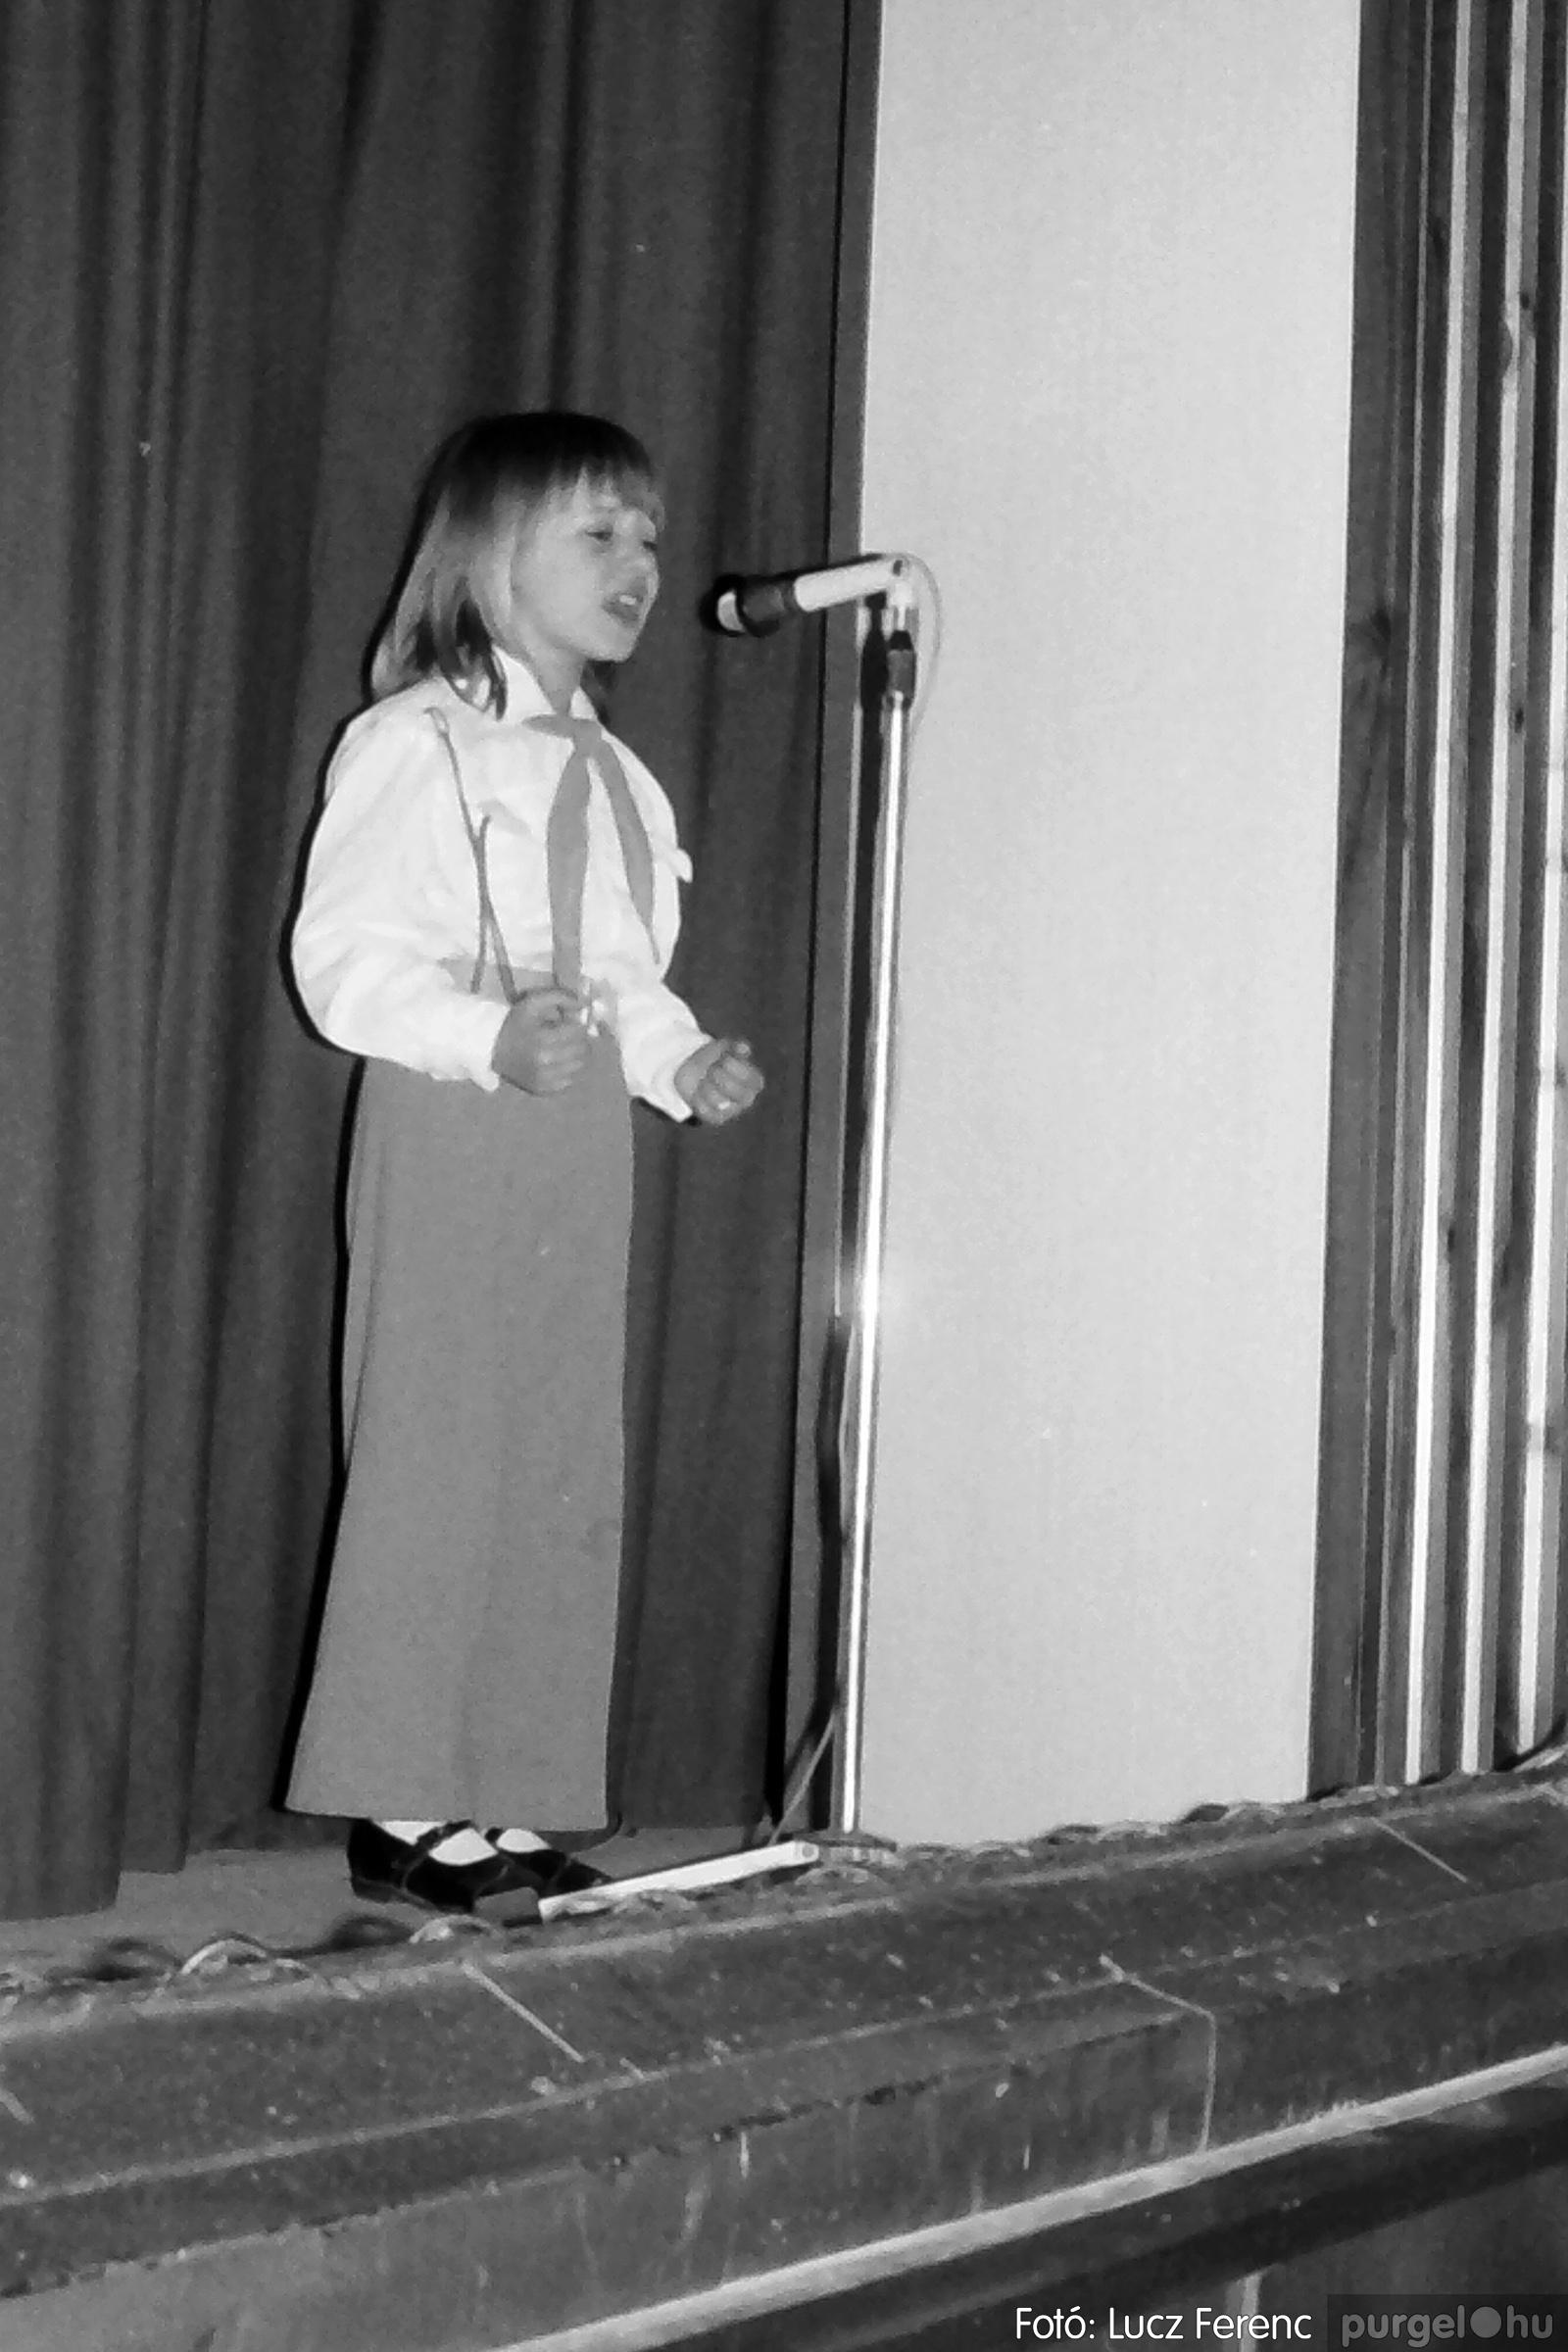 076. 1977. Iskolások fellépése a kultúrházban 009. - Fotó: Lucz Ferenc.jpg